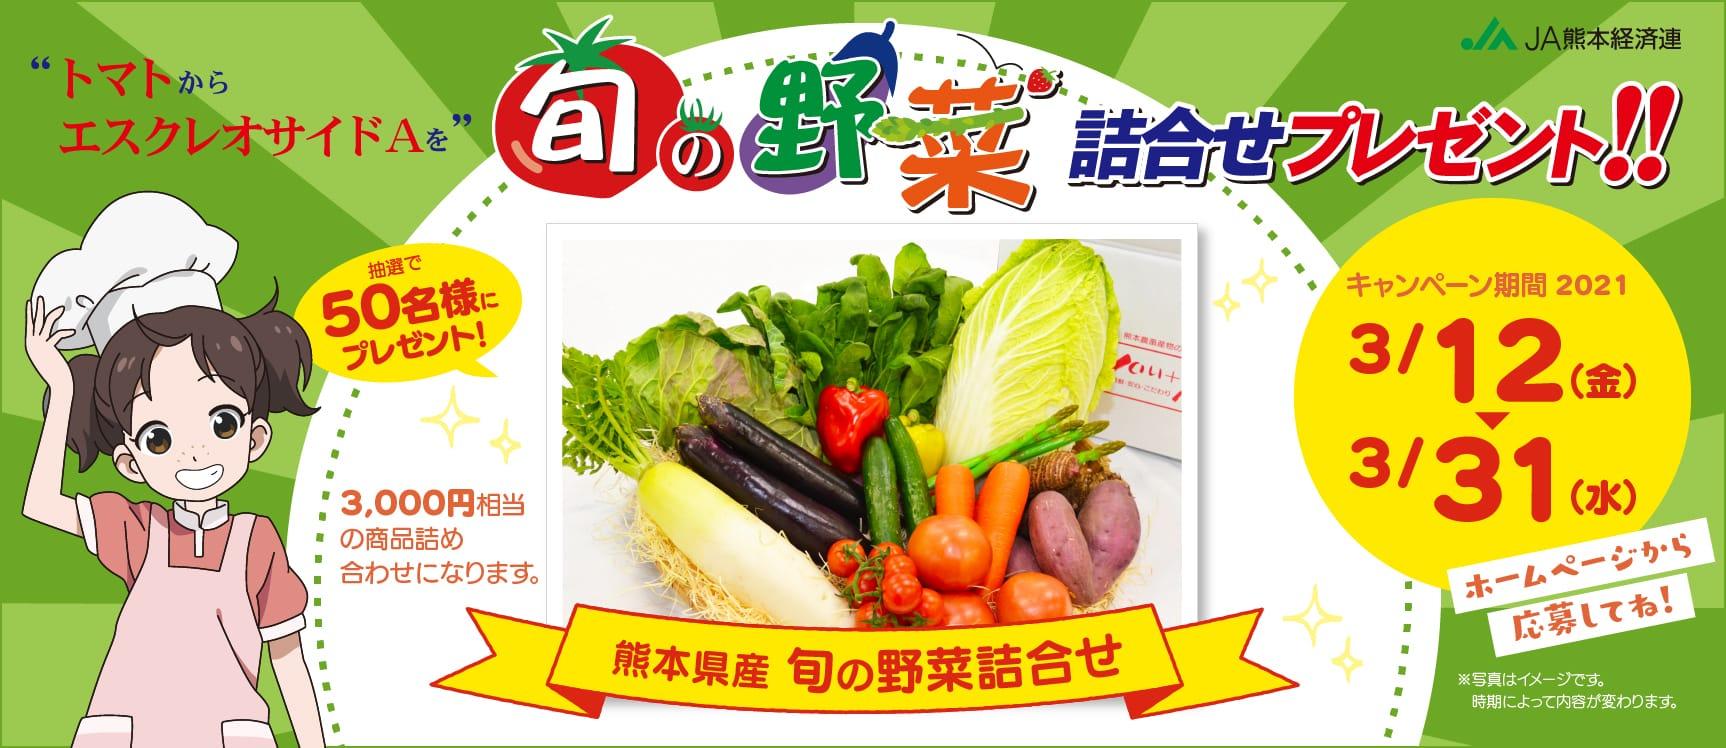 抽選で50名様にプレゼント!熊本県産旬の野菜詰め合わせ/キャンペーン期間2021年3月12日〜31日